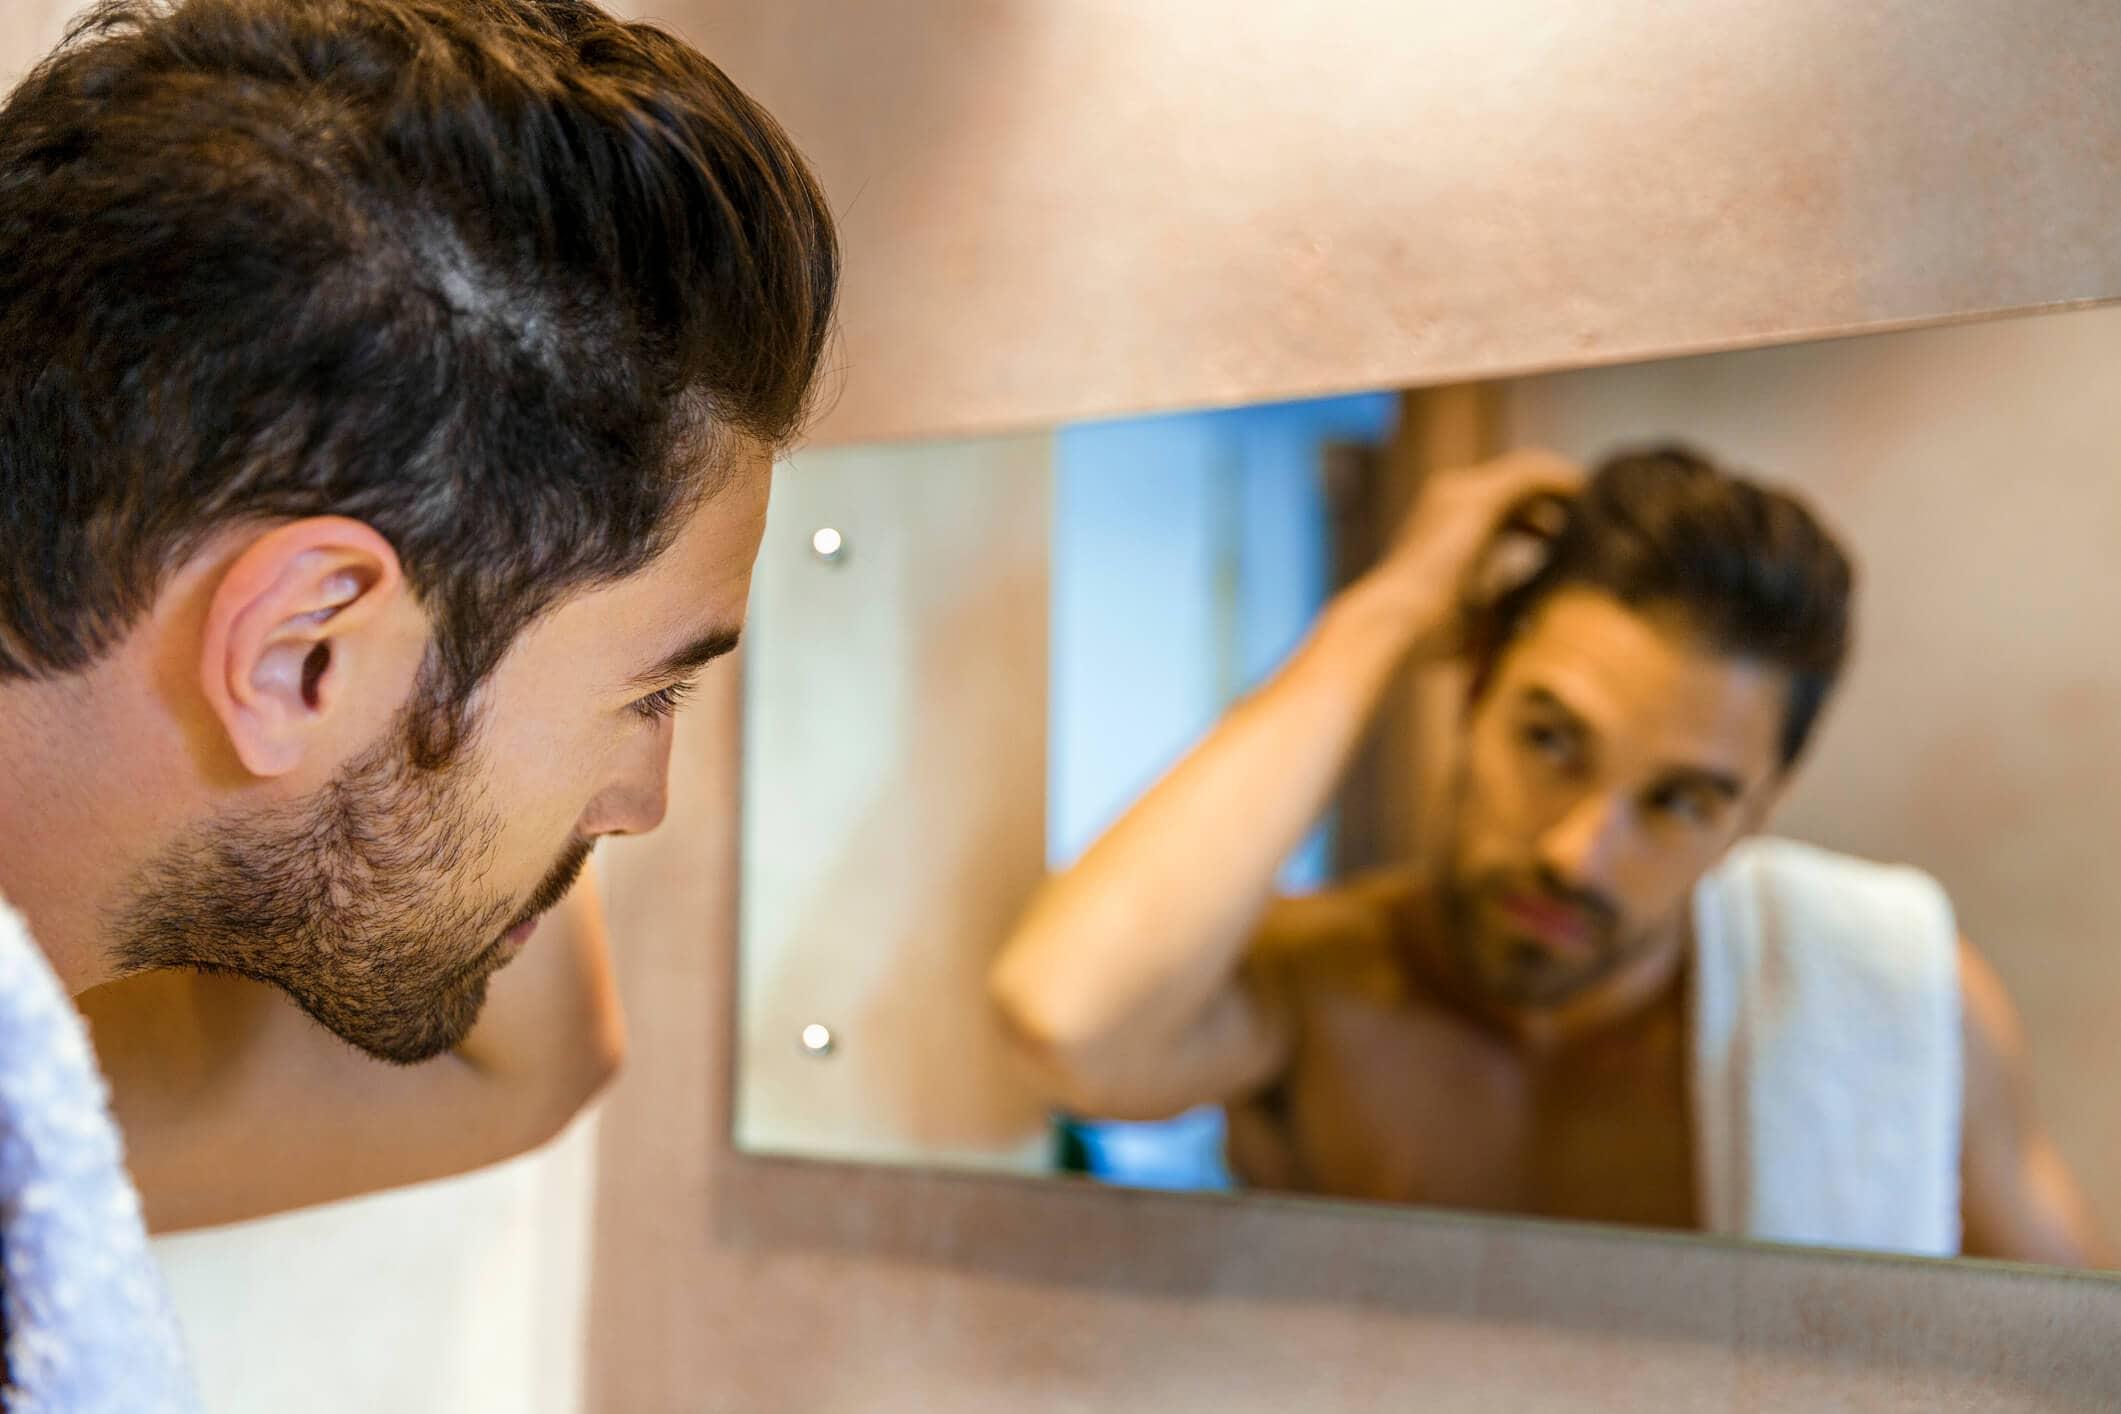 acondicionador de cabello para hombre saliendo de la ducha